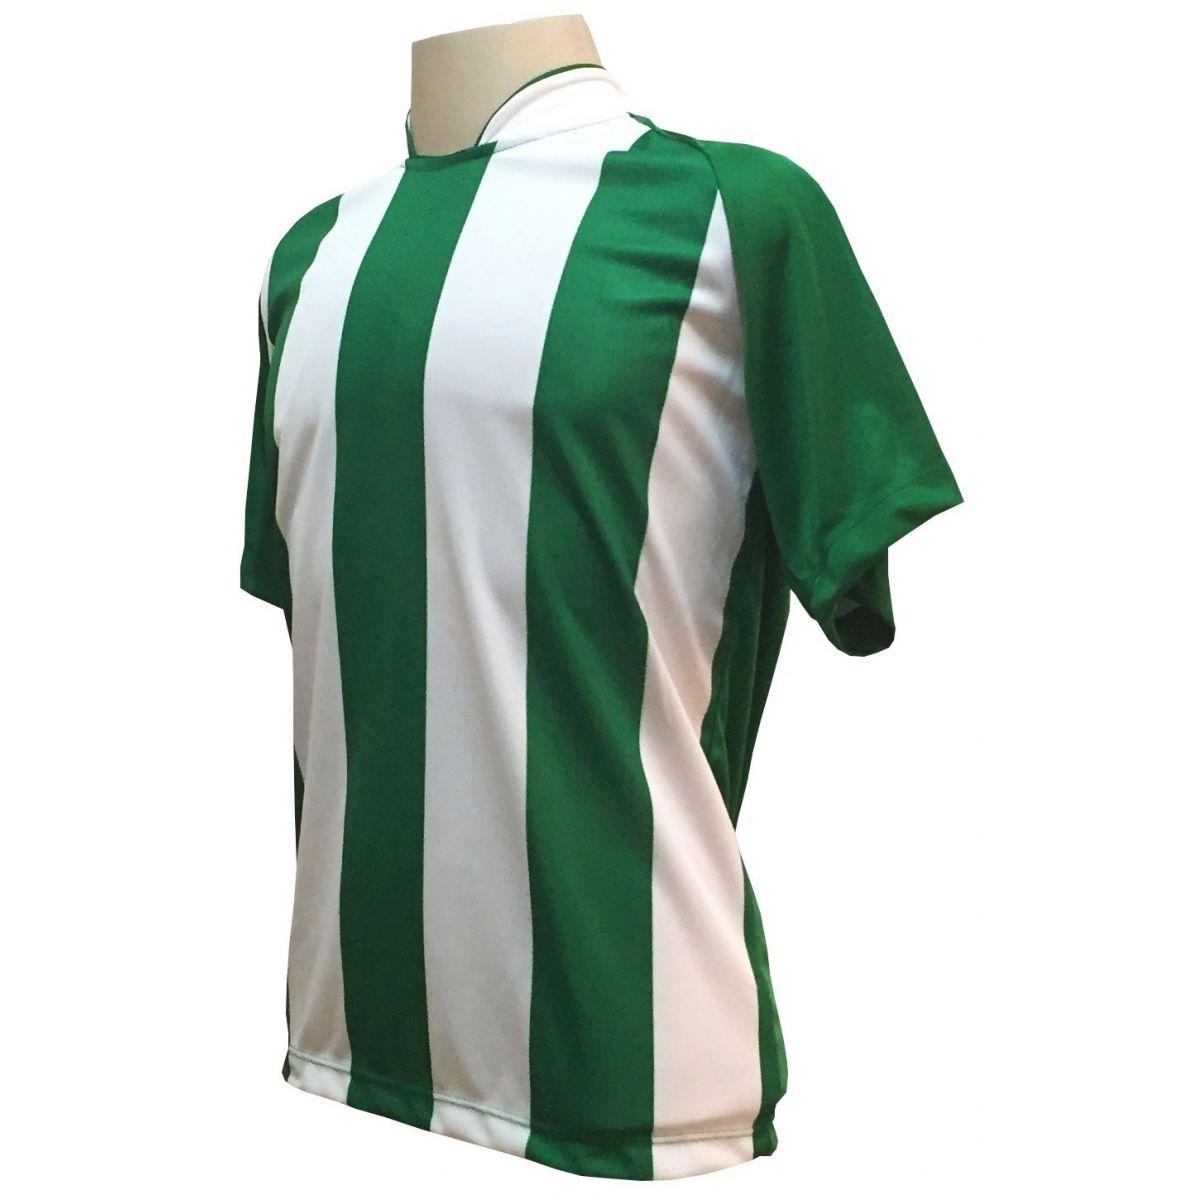 Uniforme Esportivo com 20 camisas modelo Milan Verde/Branco + 20 calções modelo Copa Verde/Branco + Brindes